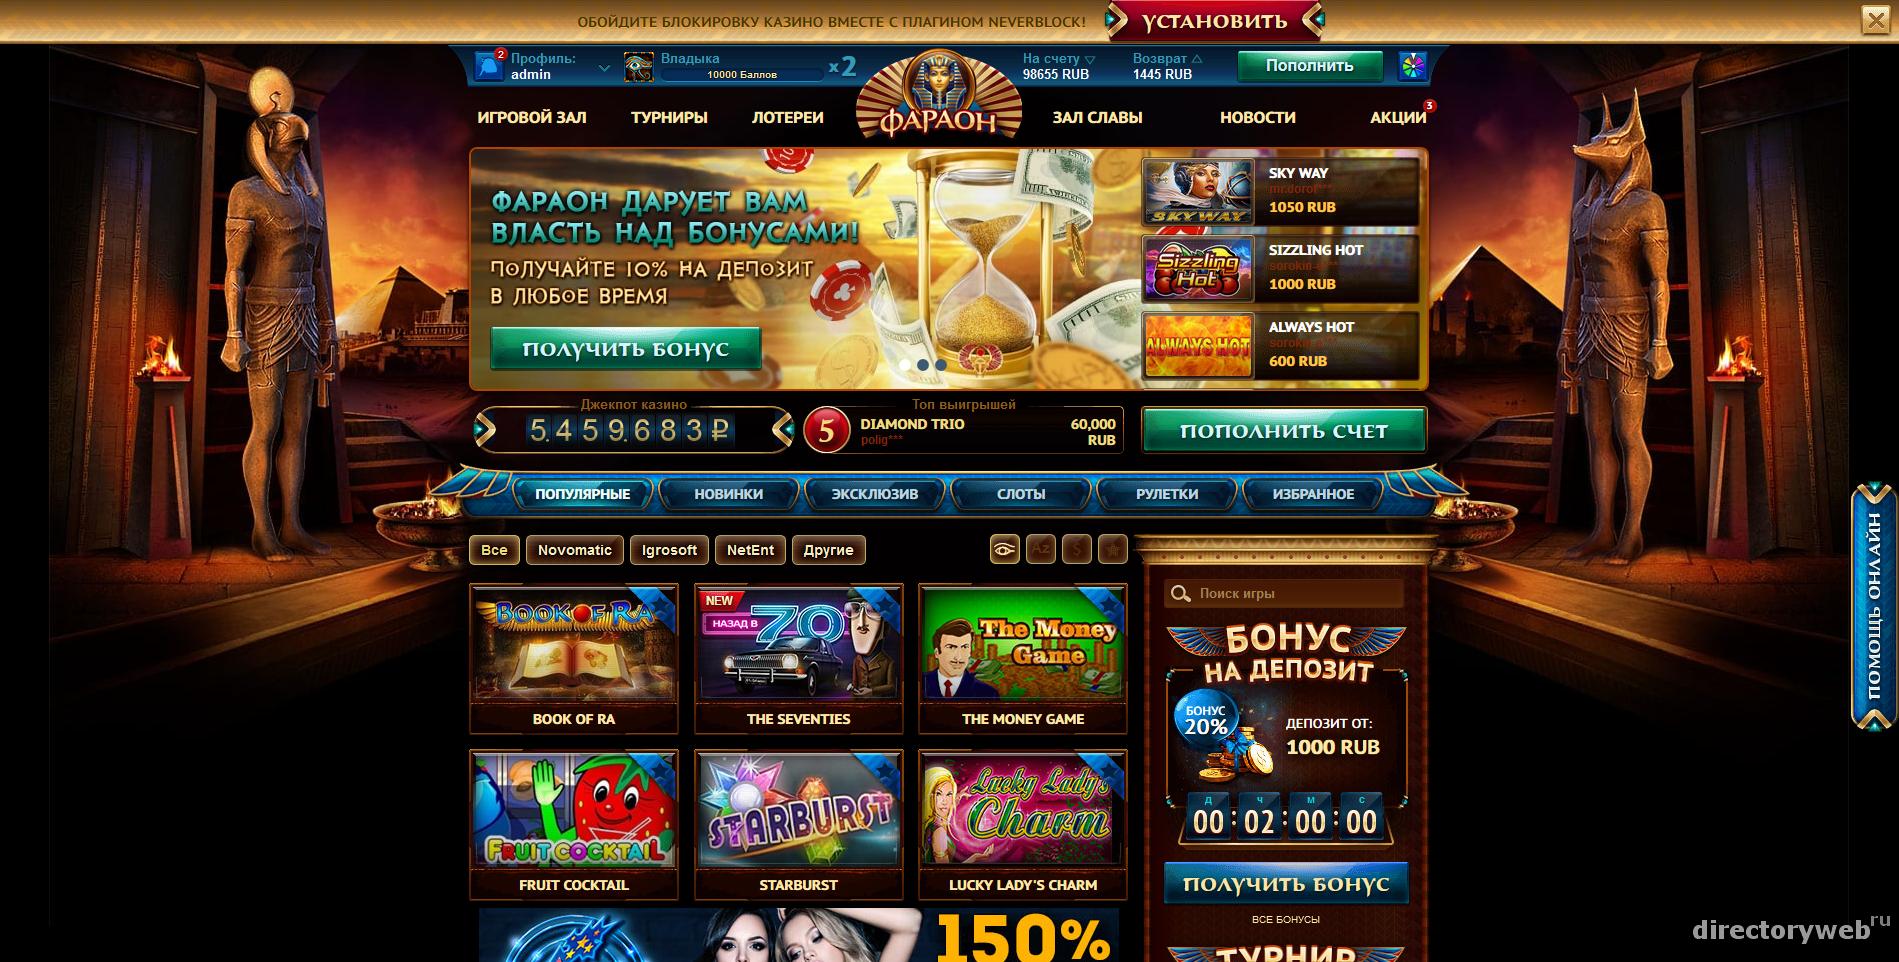 Каталог онлайн казино